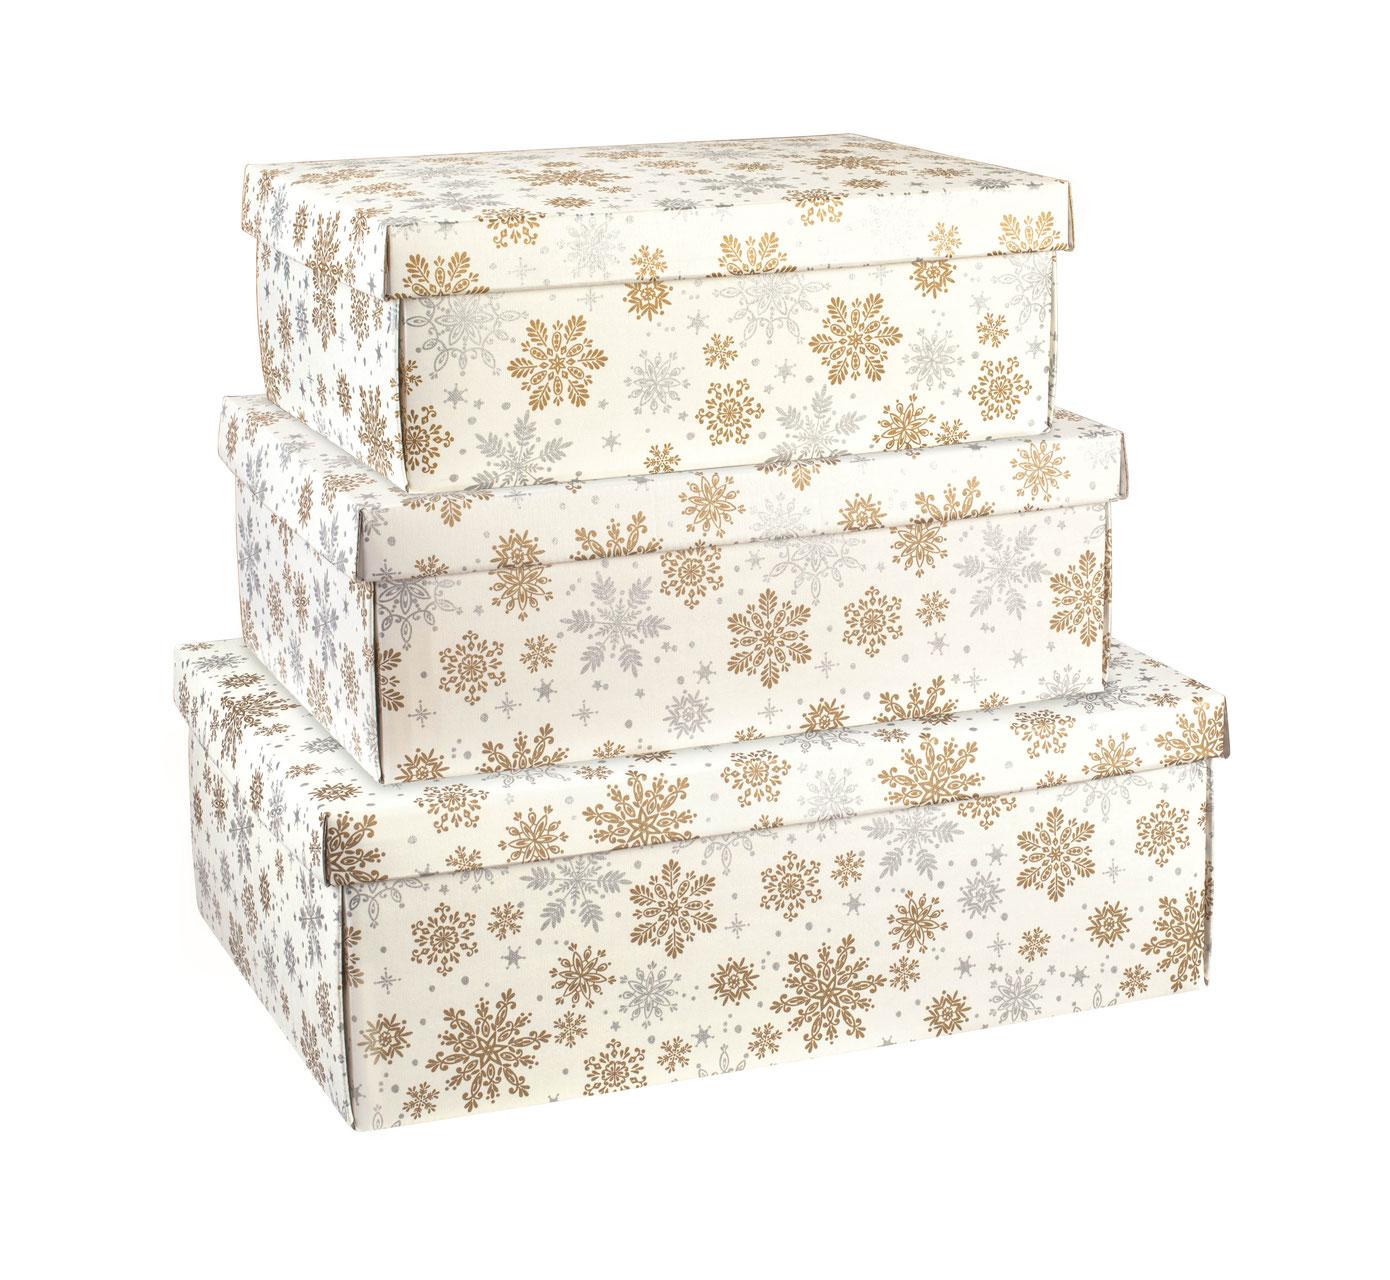 geschenkschachtel geschenkkarton weihnachten der schachtel shop m nchen. Black Bedroom Furniture Sets. Home Design Ideas